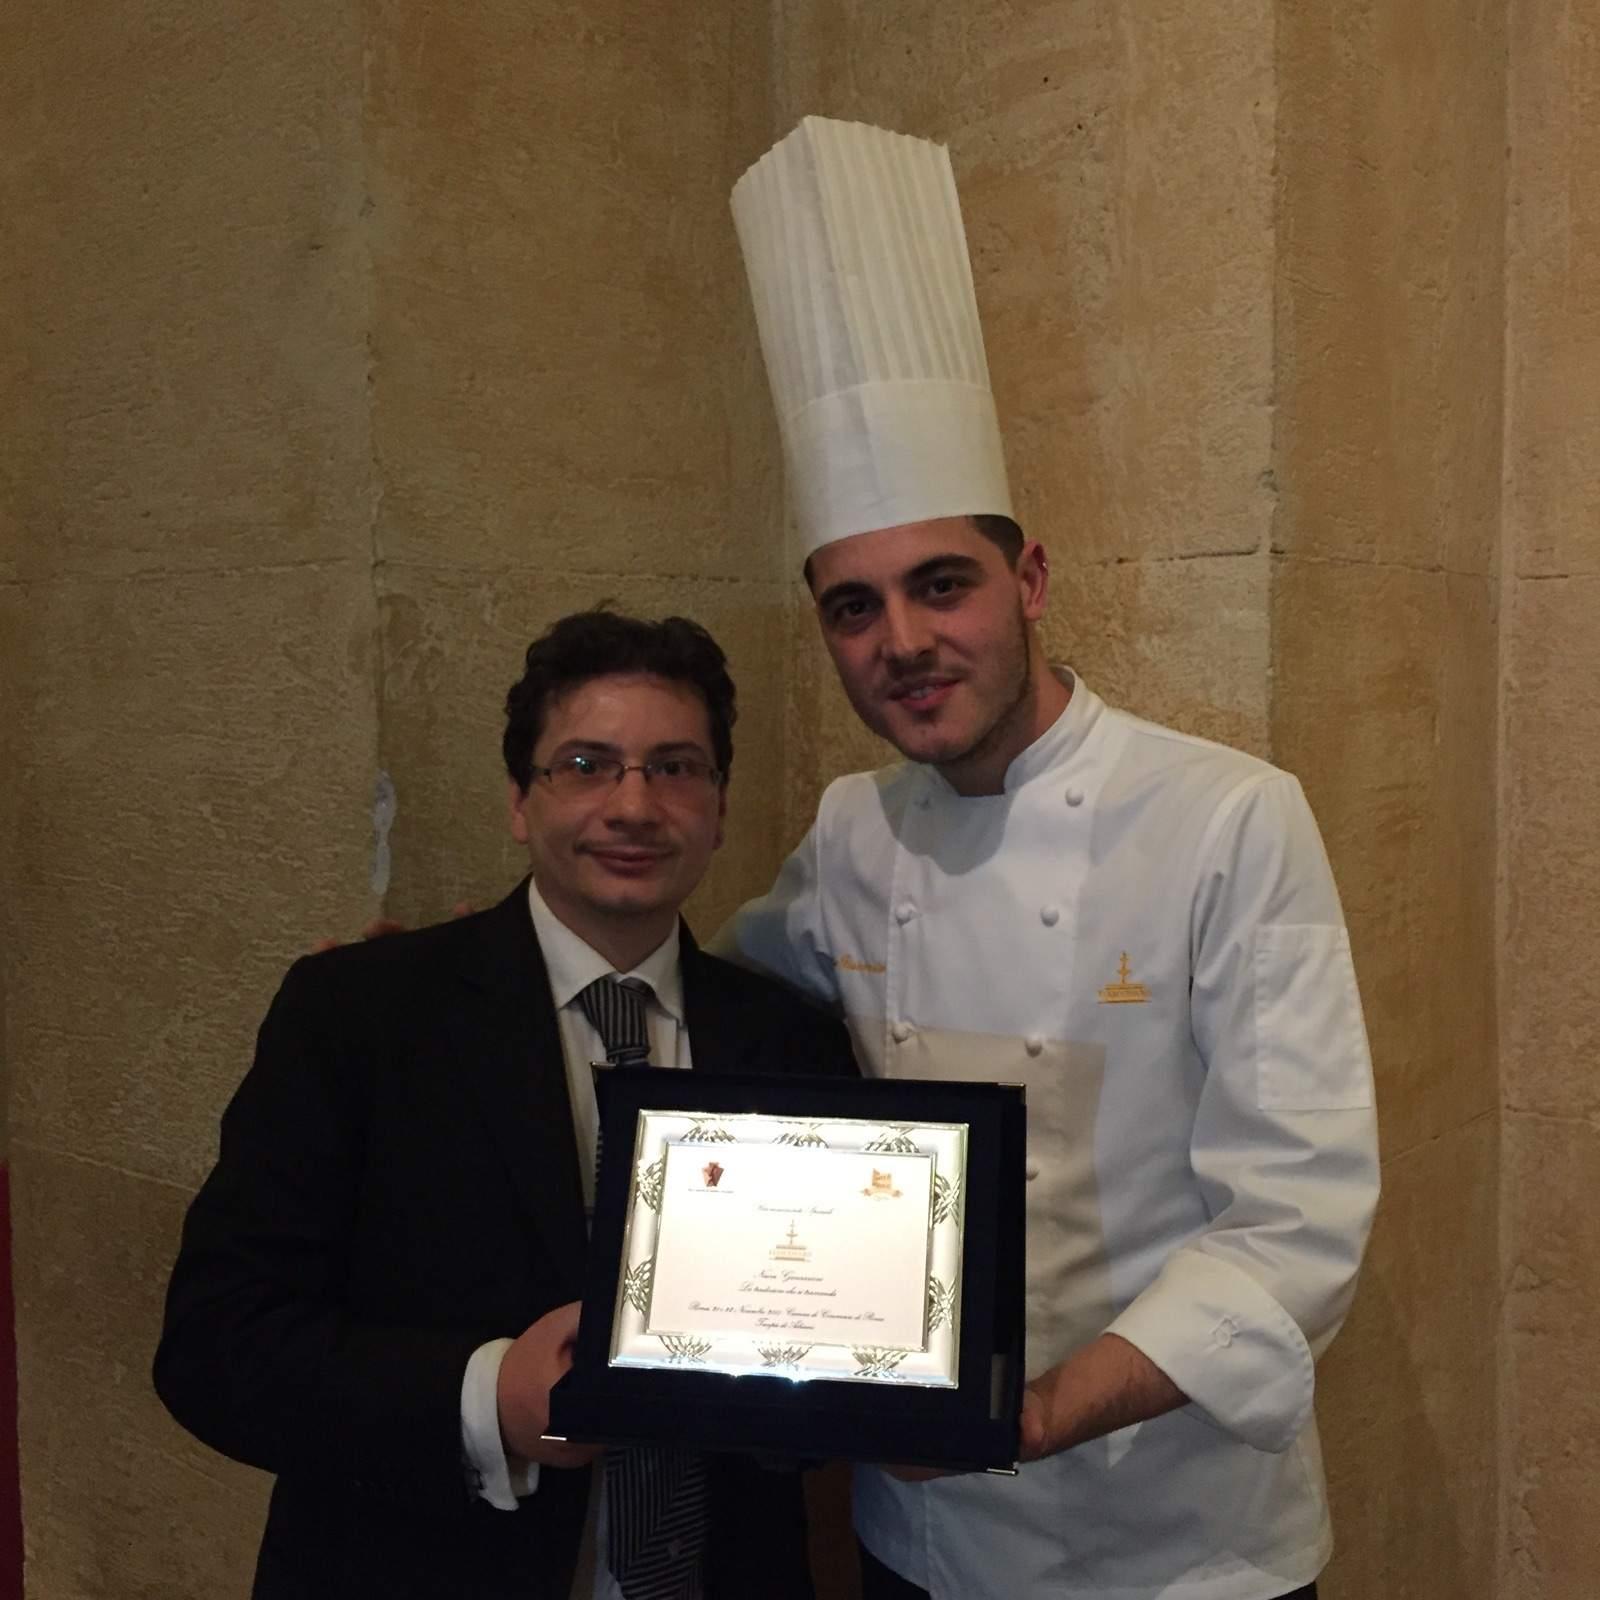 Premiato alla Fiera Nazionale del Panettone e del Pandoro di Roma il giovane pasticcere Mario Fiasconaro